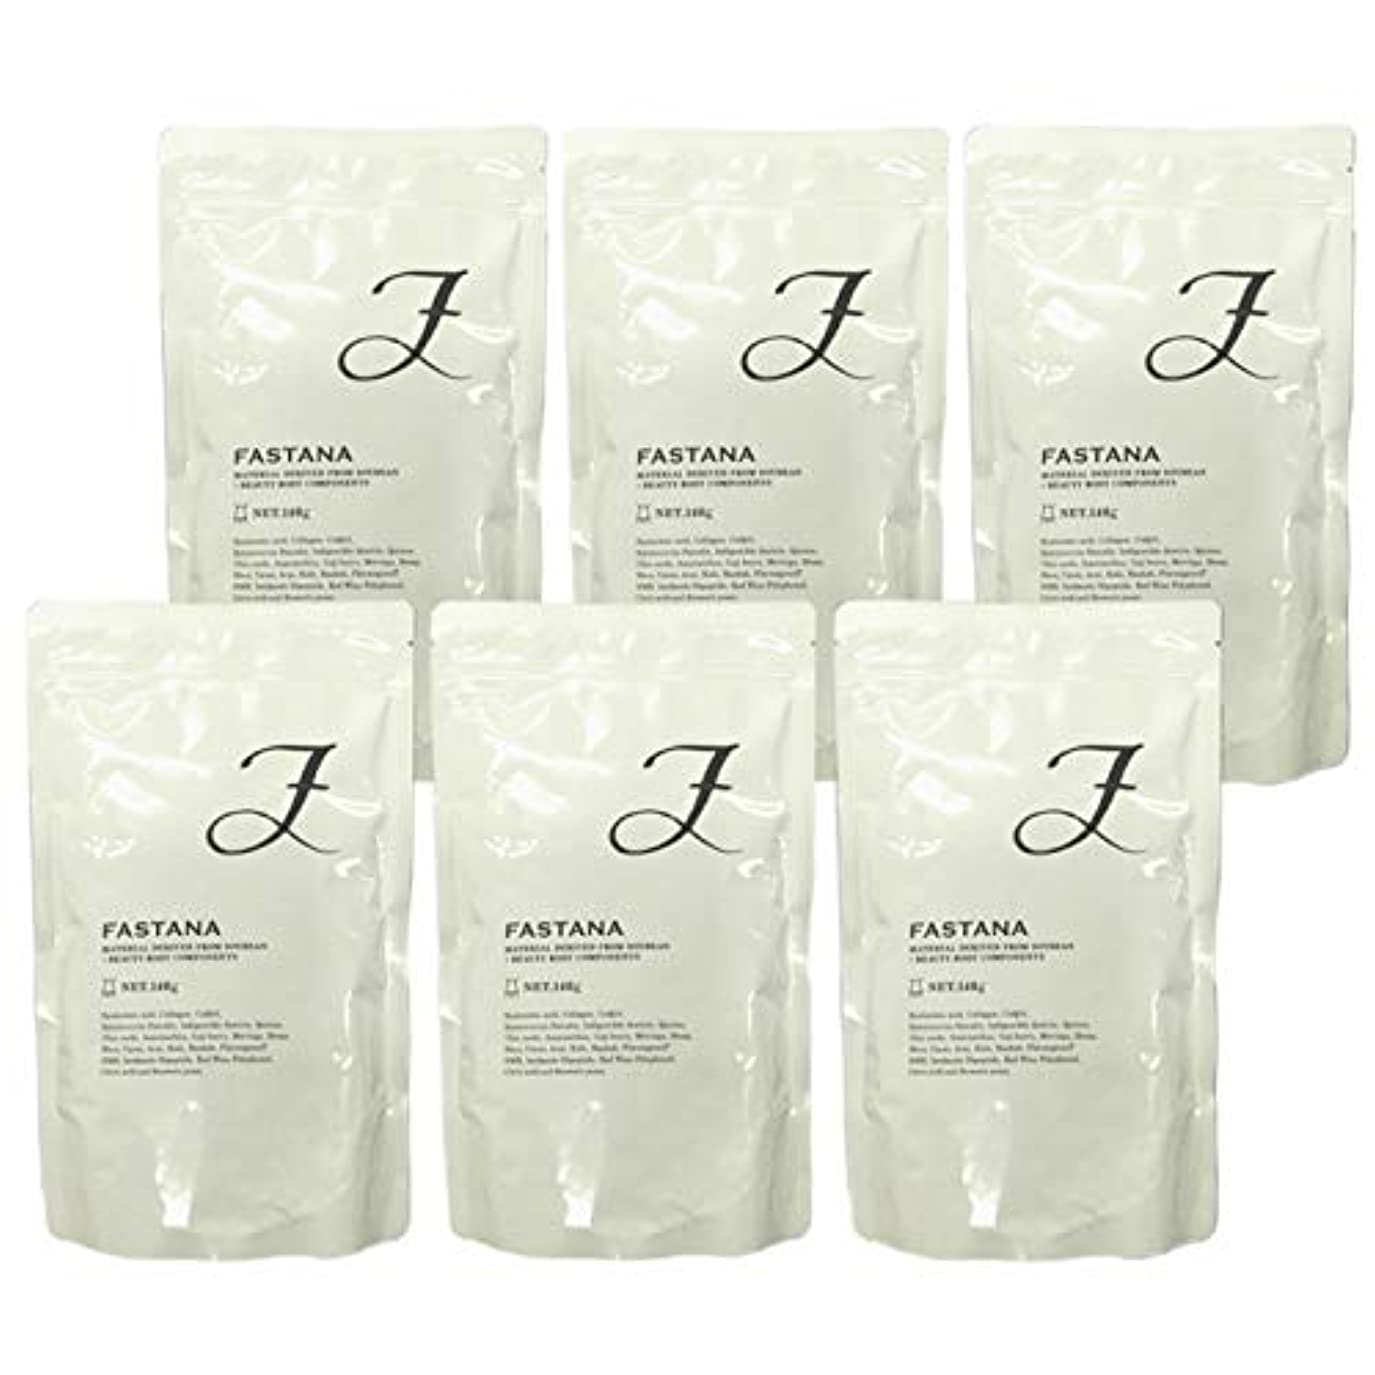 狭い工場送るFASTANA ファスタナ 6袋セット プロテインダイエット プロテインスムージー